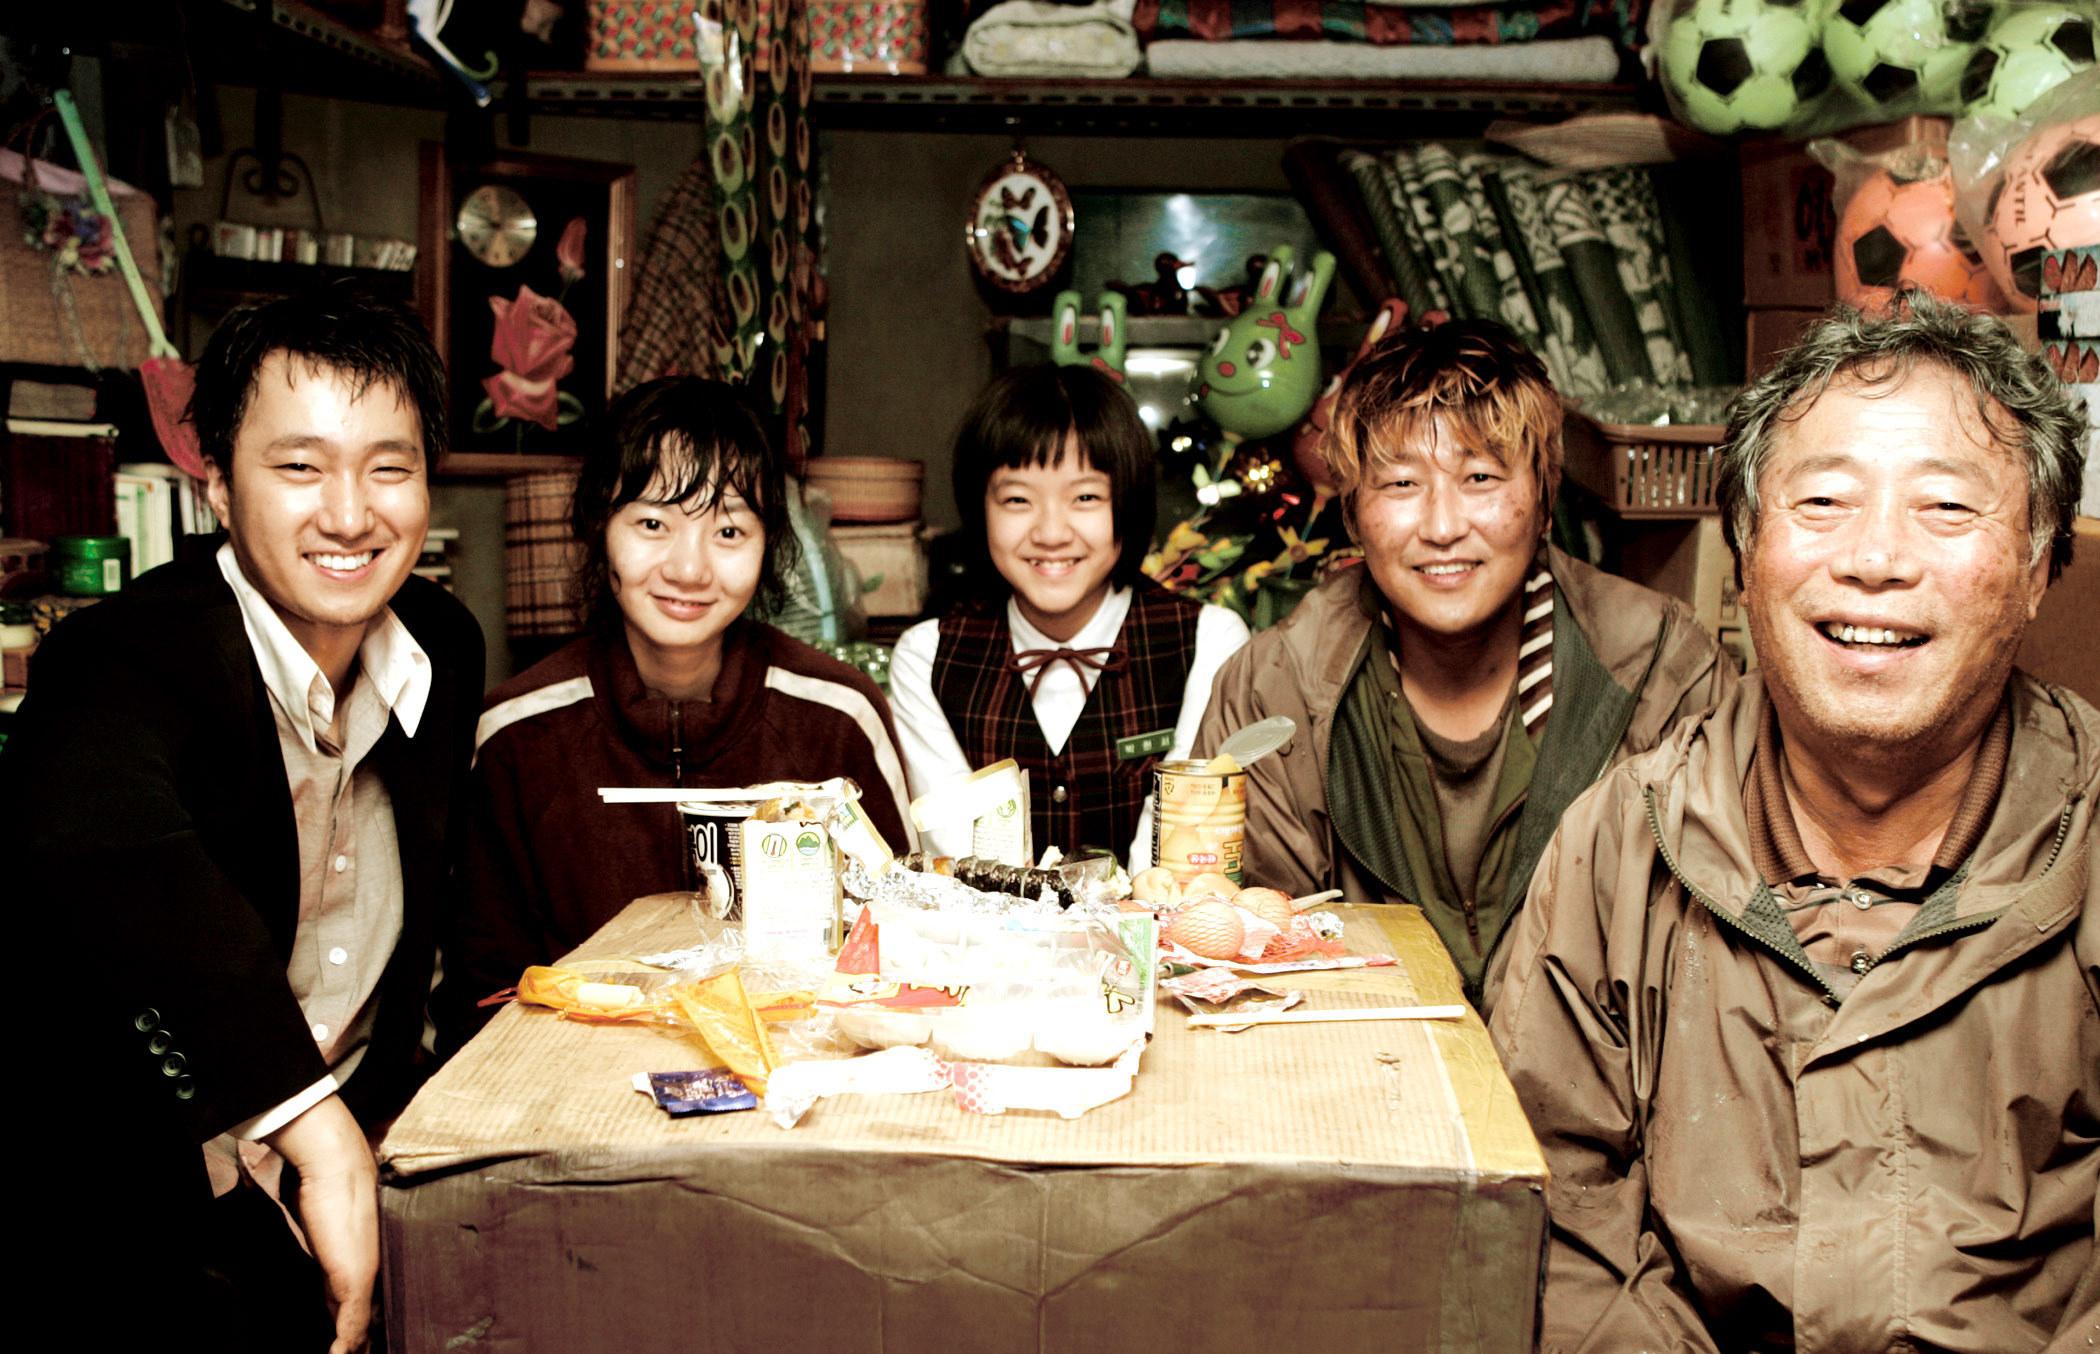 Park Hae-il, Bae Du-na, Ko Ah-sung, Song Kang-ho, and Byeon Hie-bong sit around a table